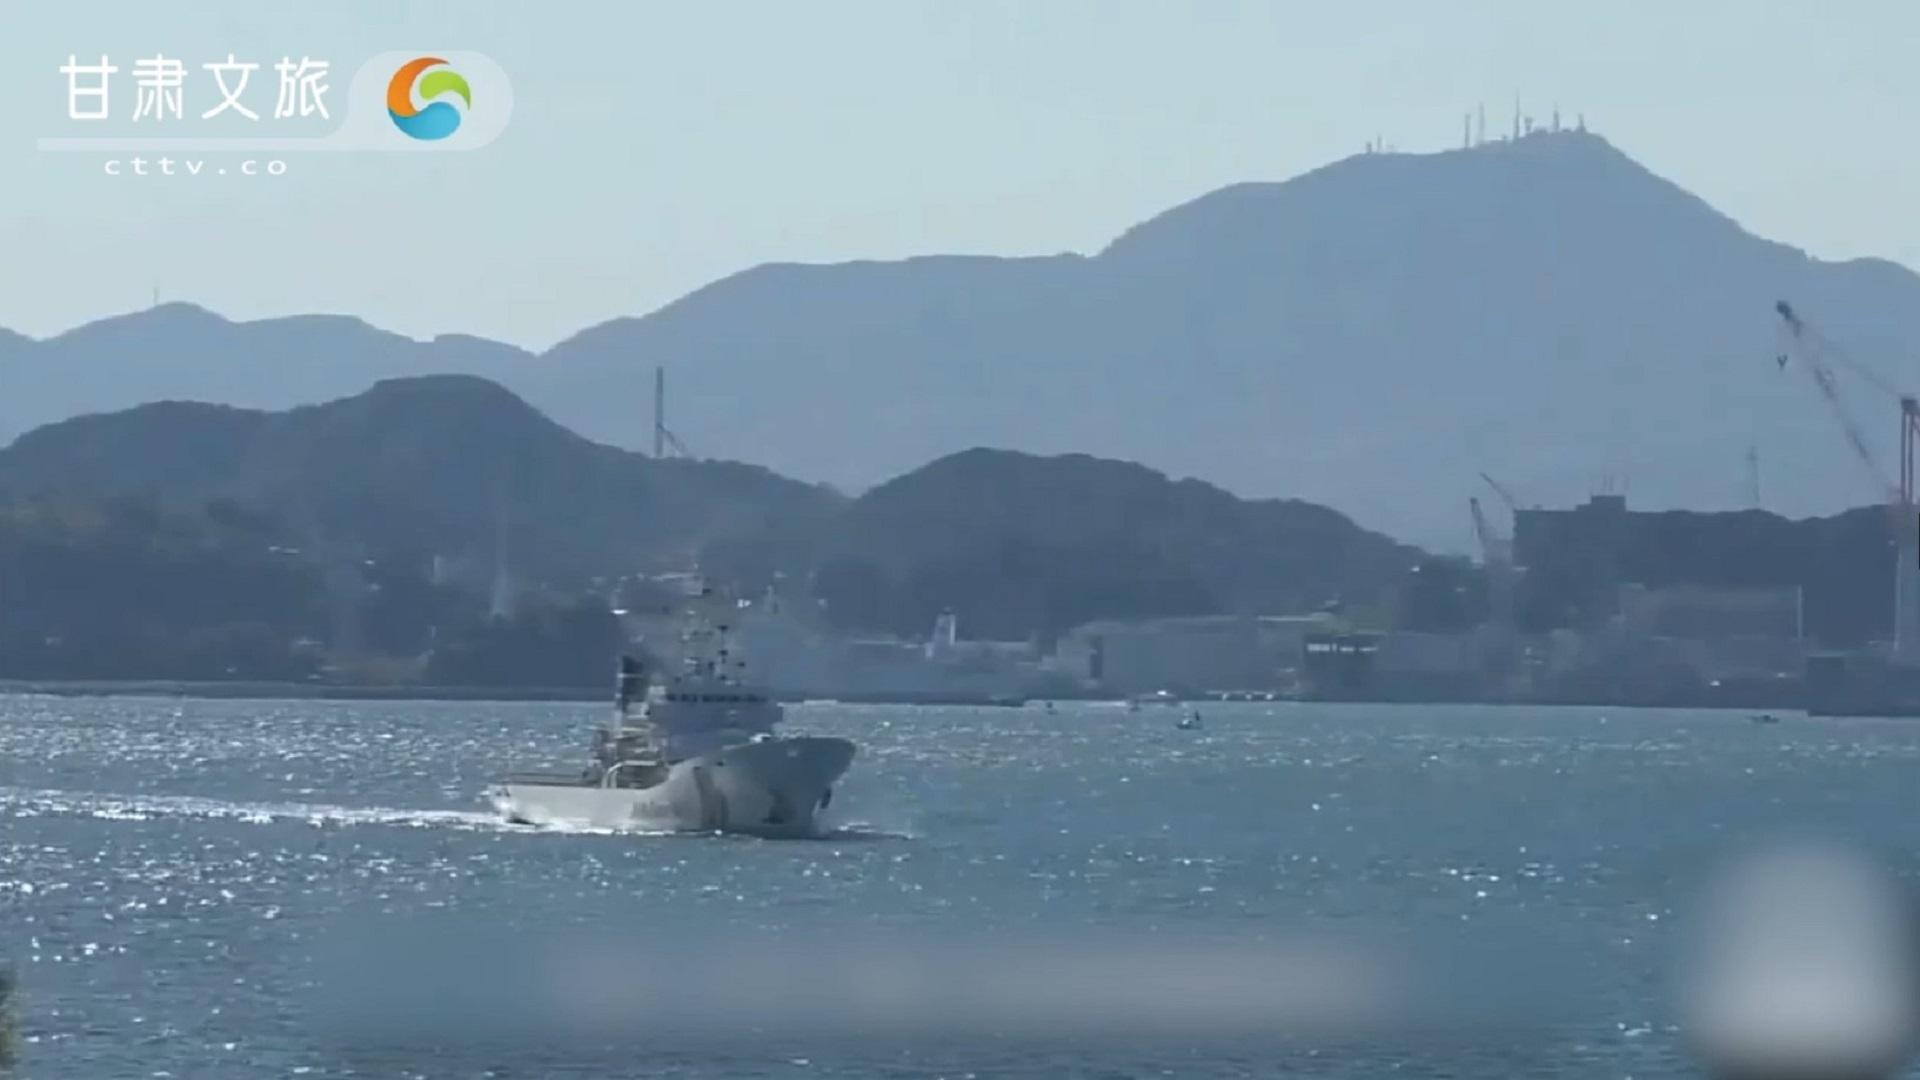 人民海军护卫舰的早期探索